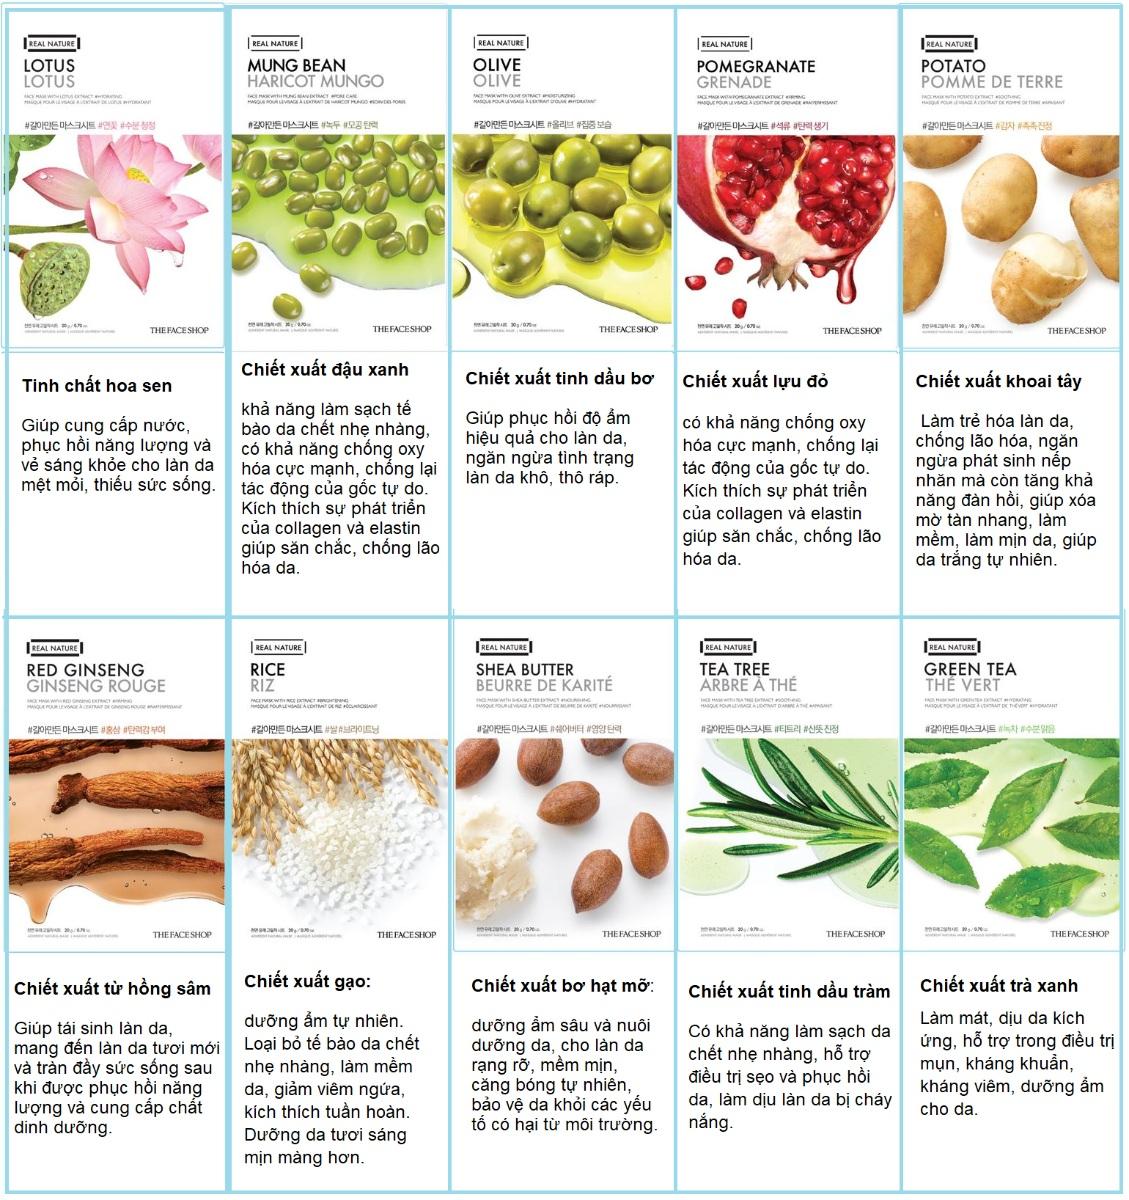 Serum dưỡng trắng da - mờ thâm nám Senka White Beauty 35g 15046 tặng Mặt nạ dưỡng da The Faceshop Real Nature (1 miếng)